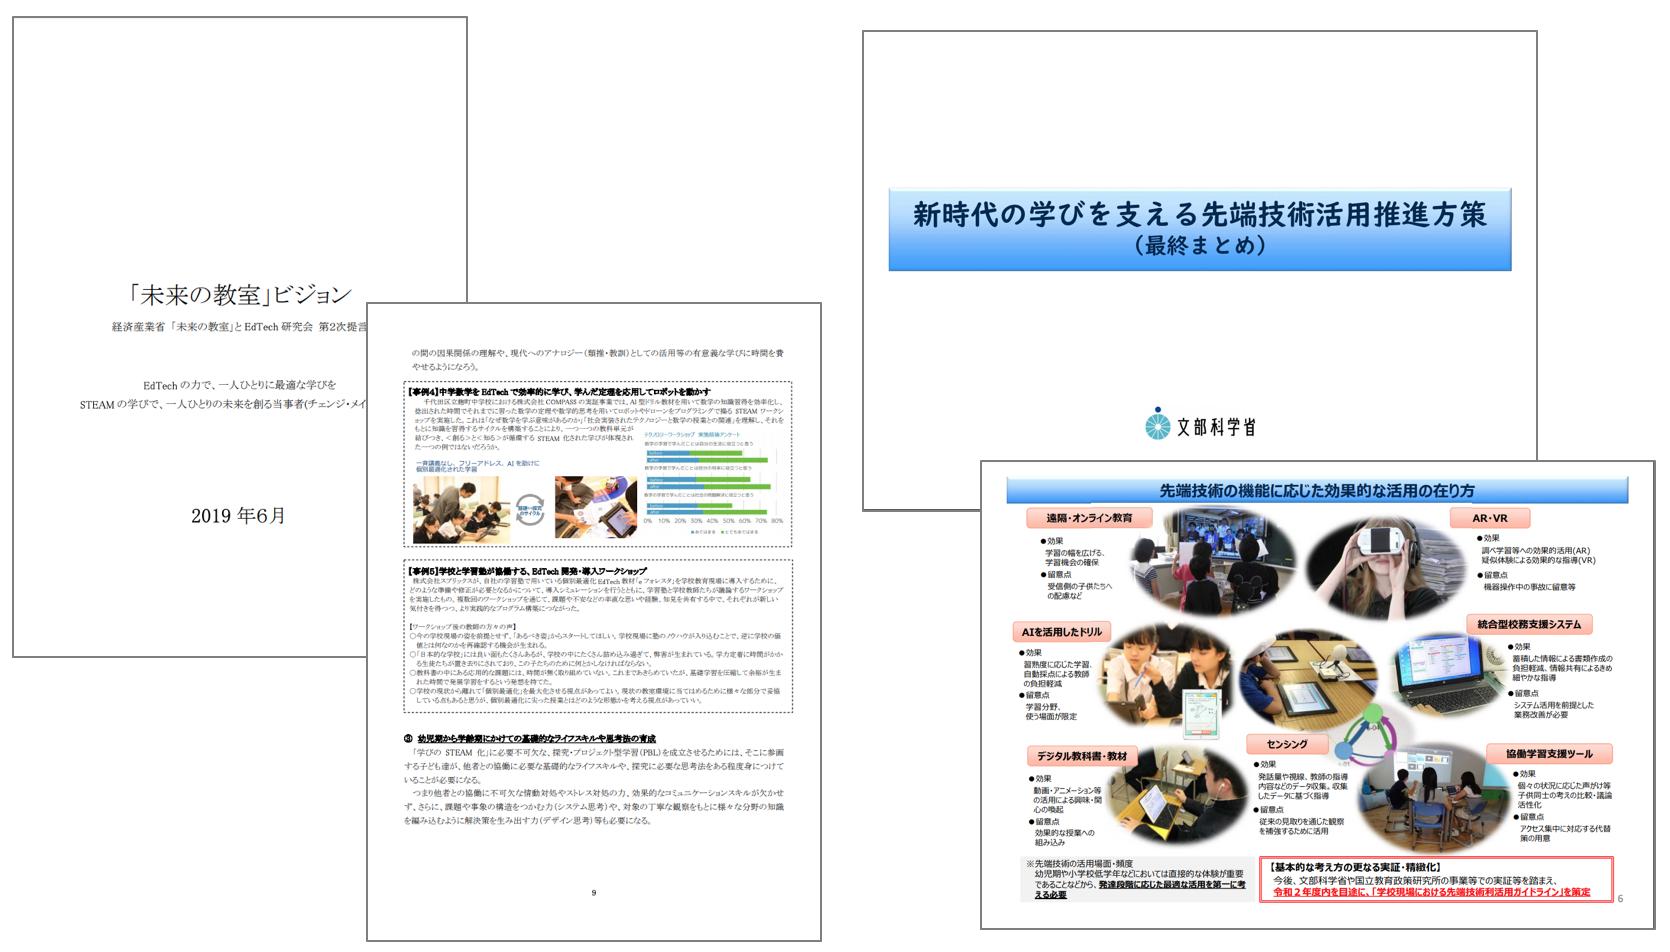 文部科学省・経済産業省の提言・方策に事例として掲載されました。